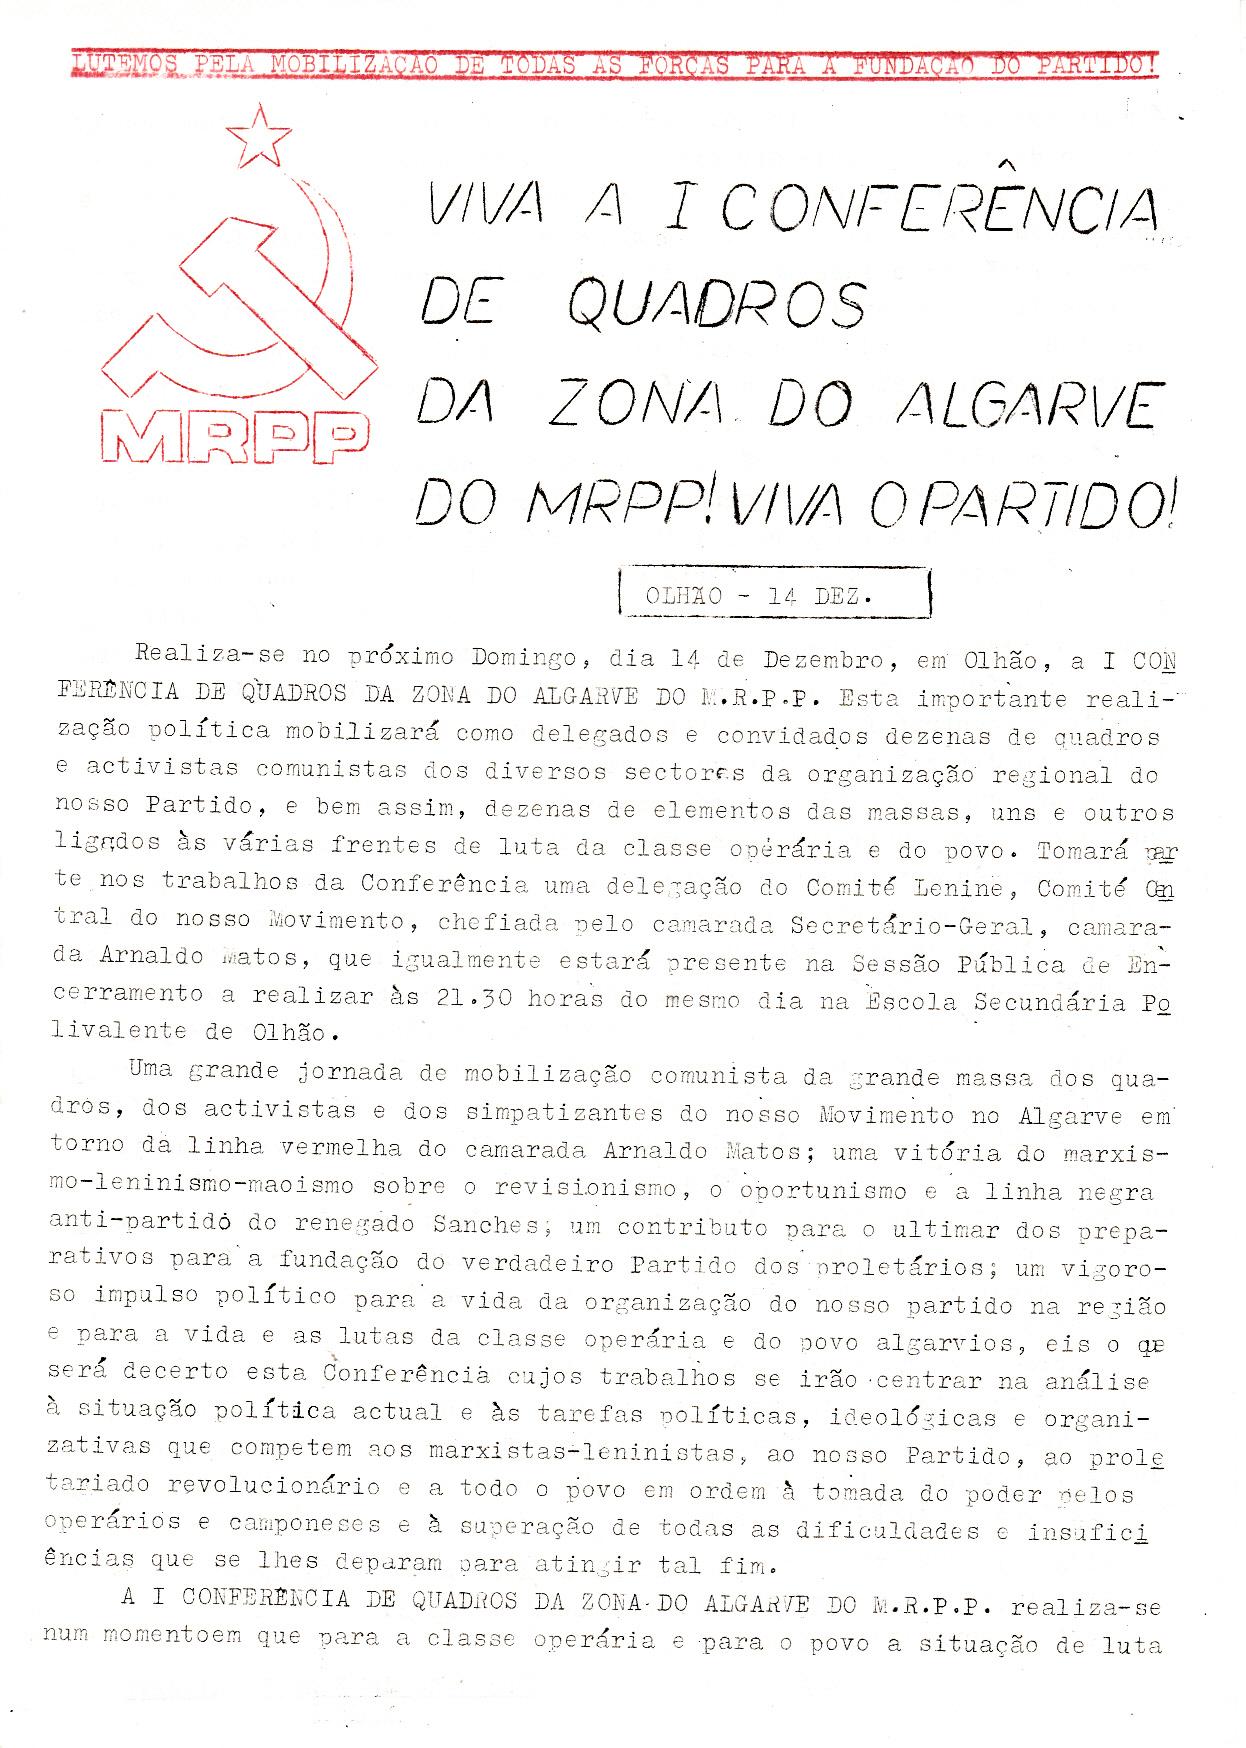 MRPP_1975_12_11_0001